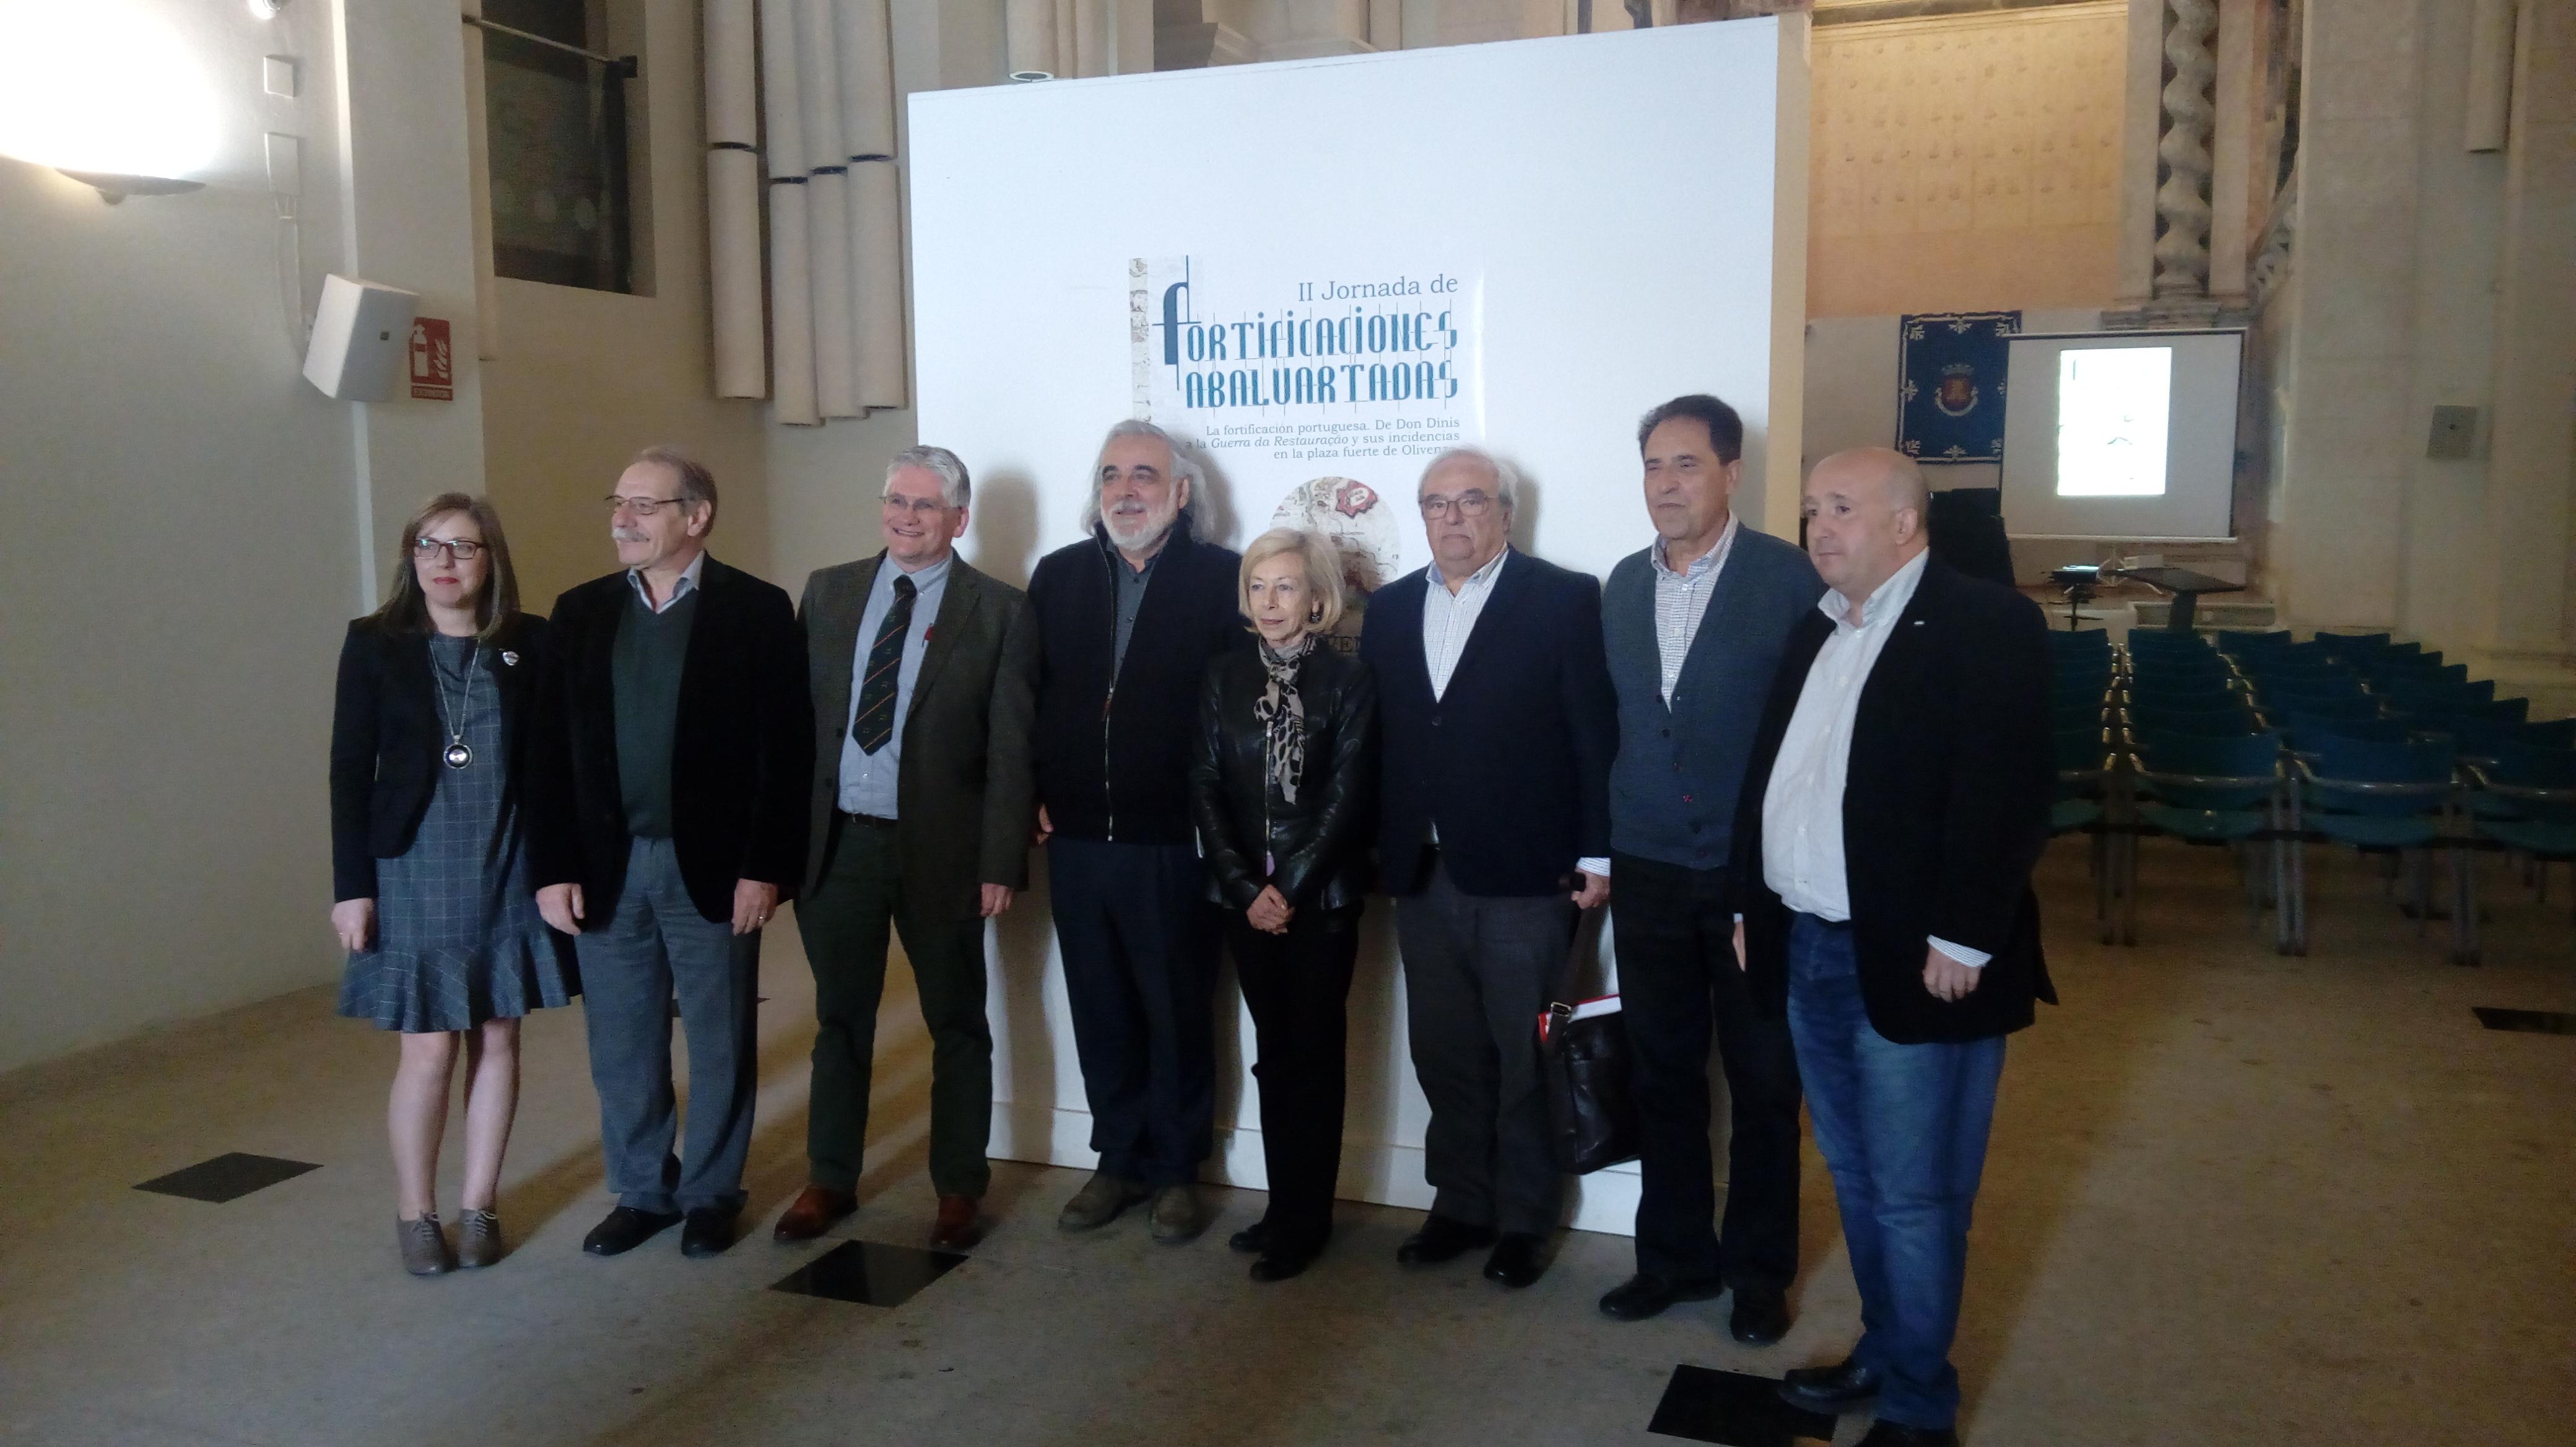 Fotografía de grupo en la II Jornada Fortificaciones Abaluartas de Olivenza (Badajoz)